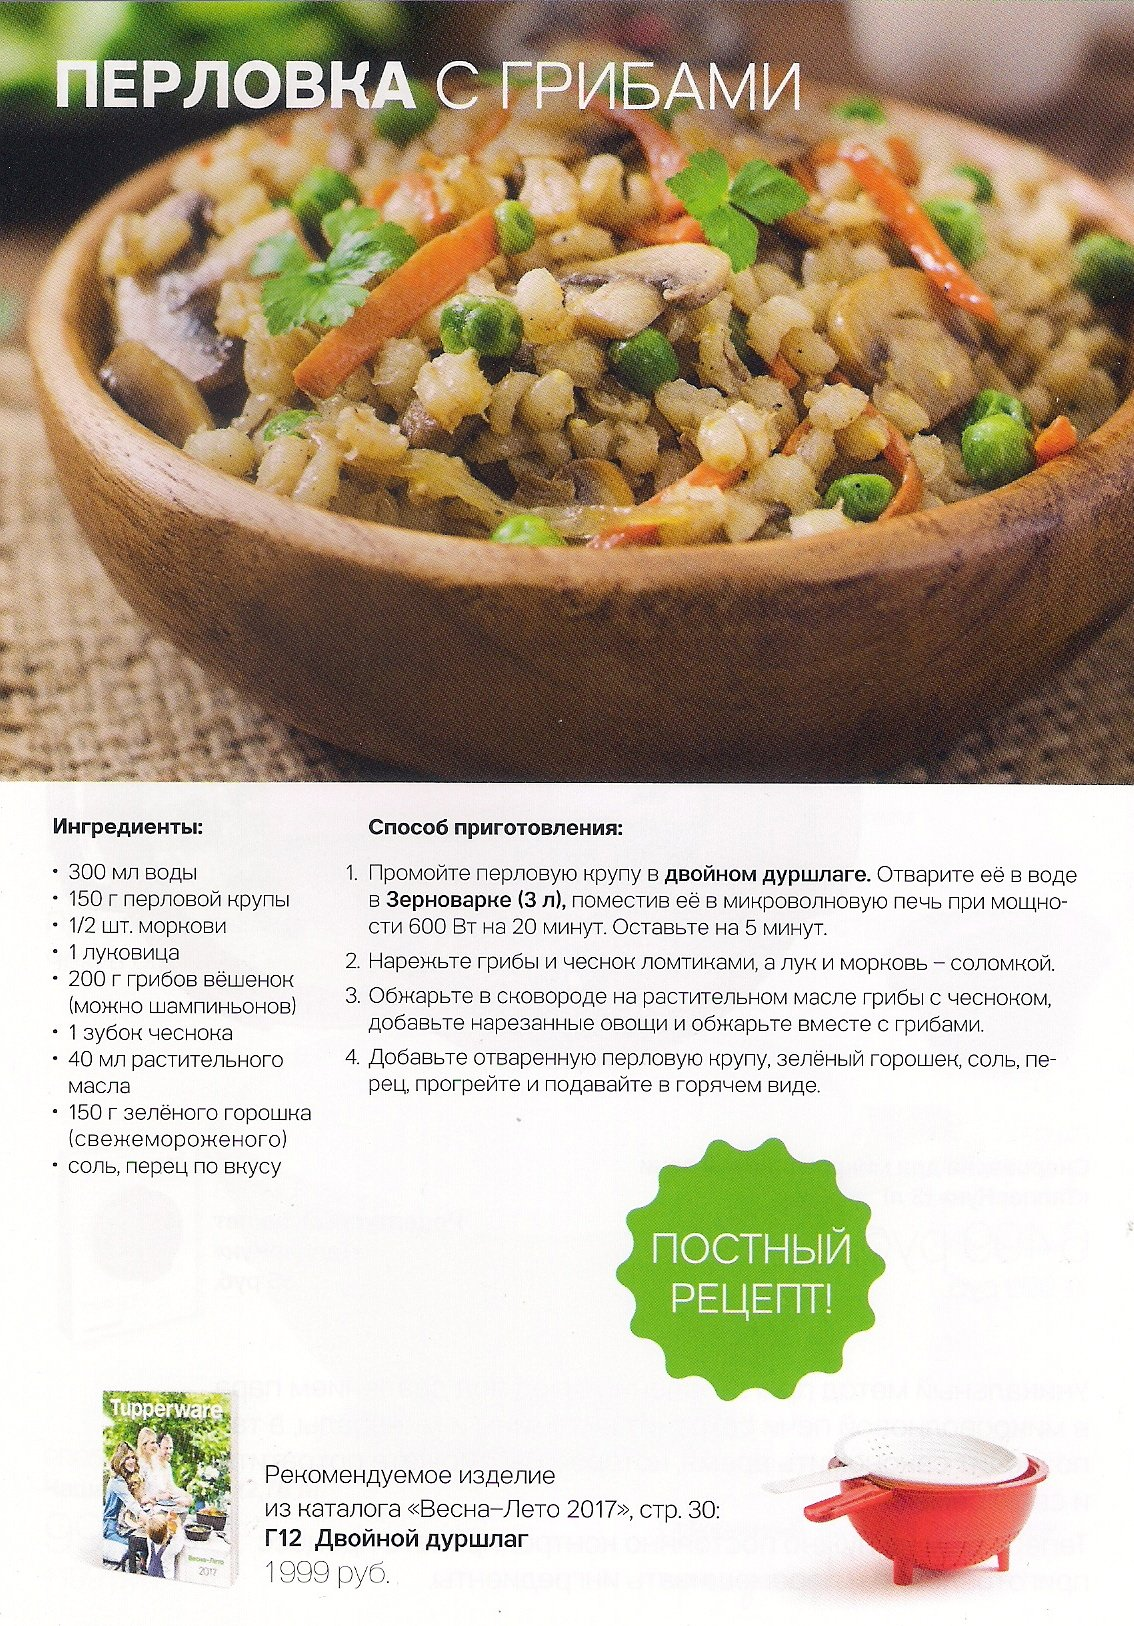 http://tupperware-online.ru/images/upload/5H.jpg